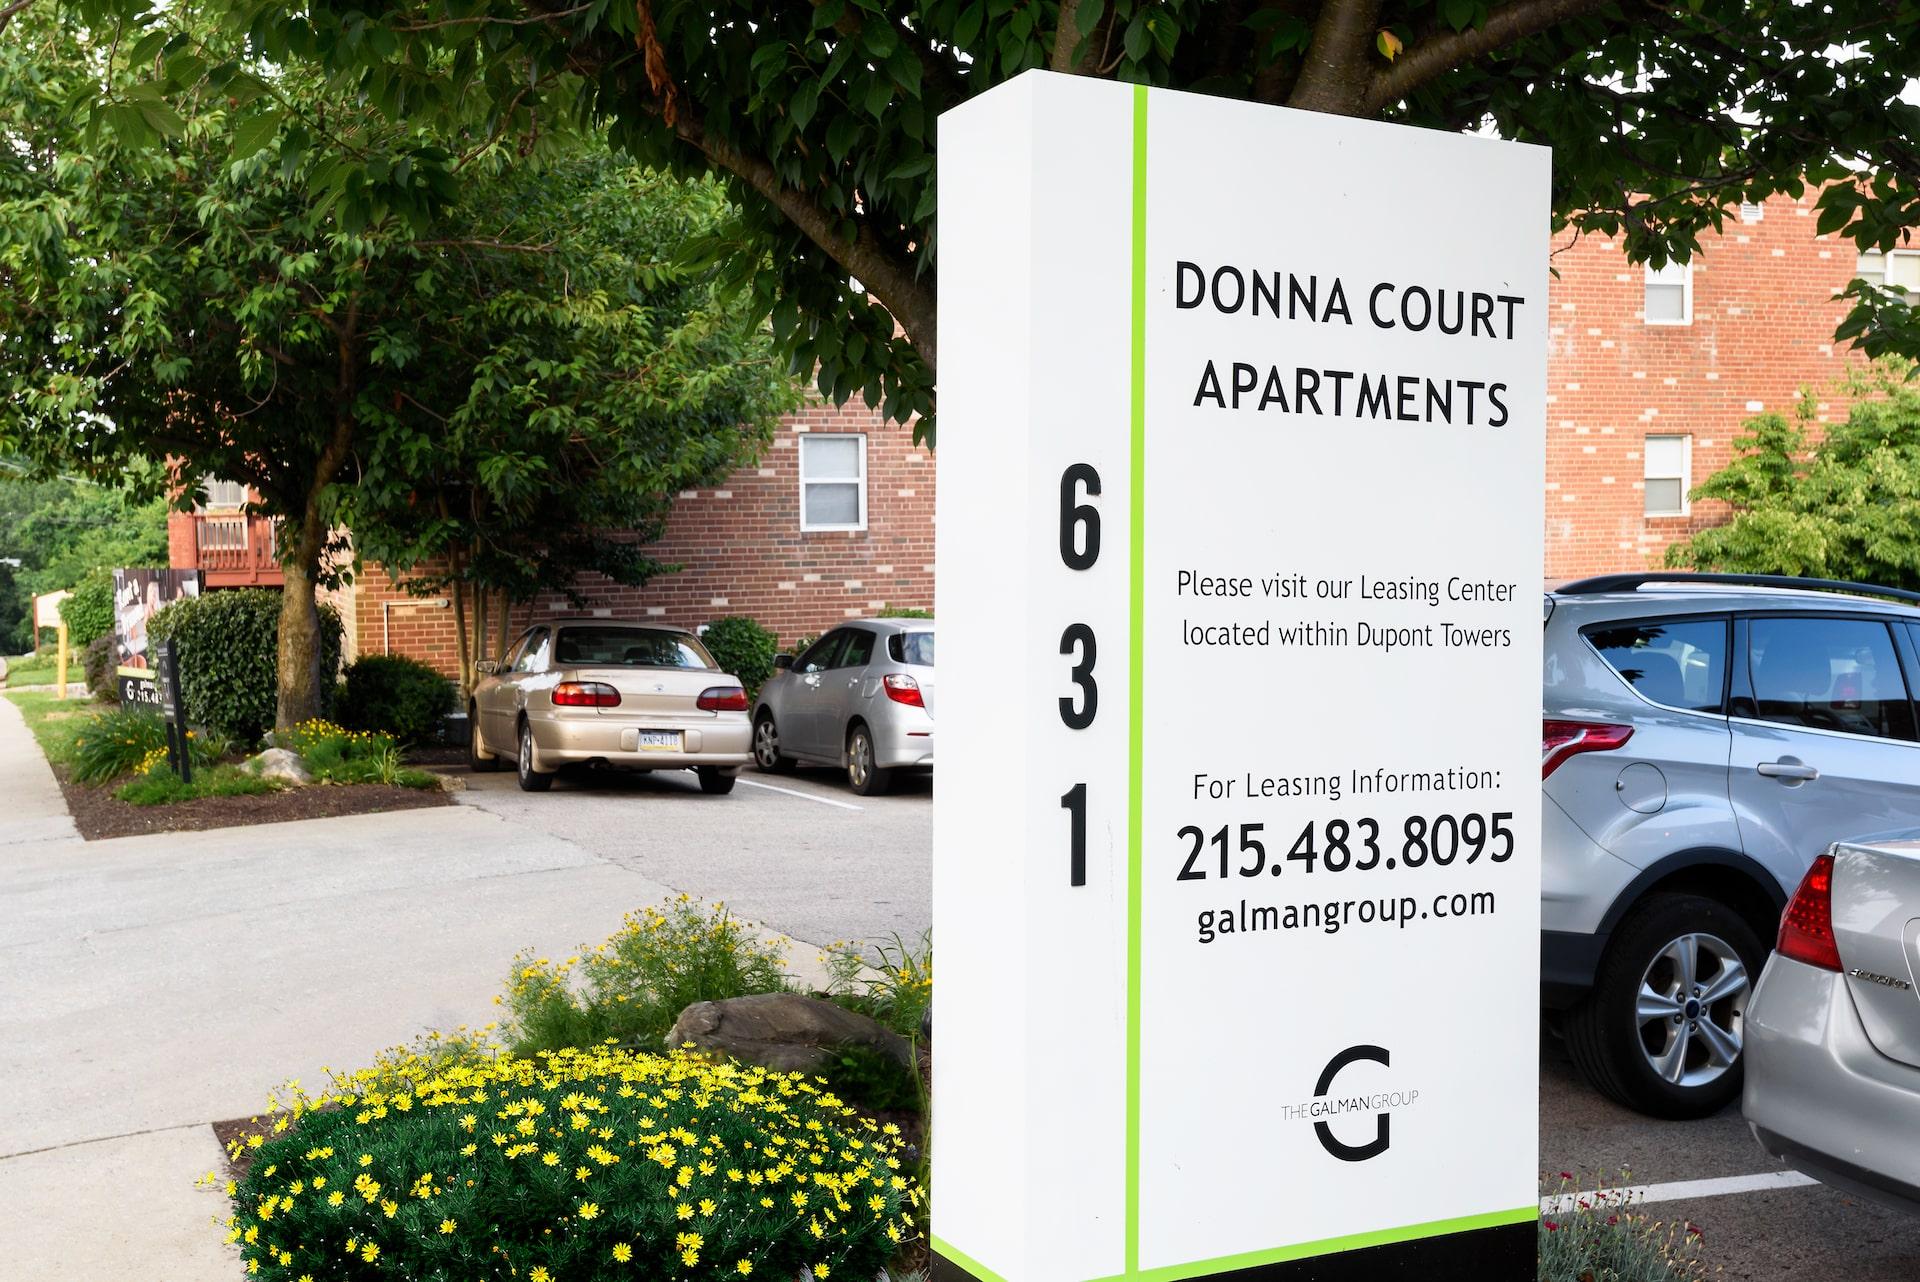 Donna Court